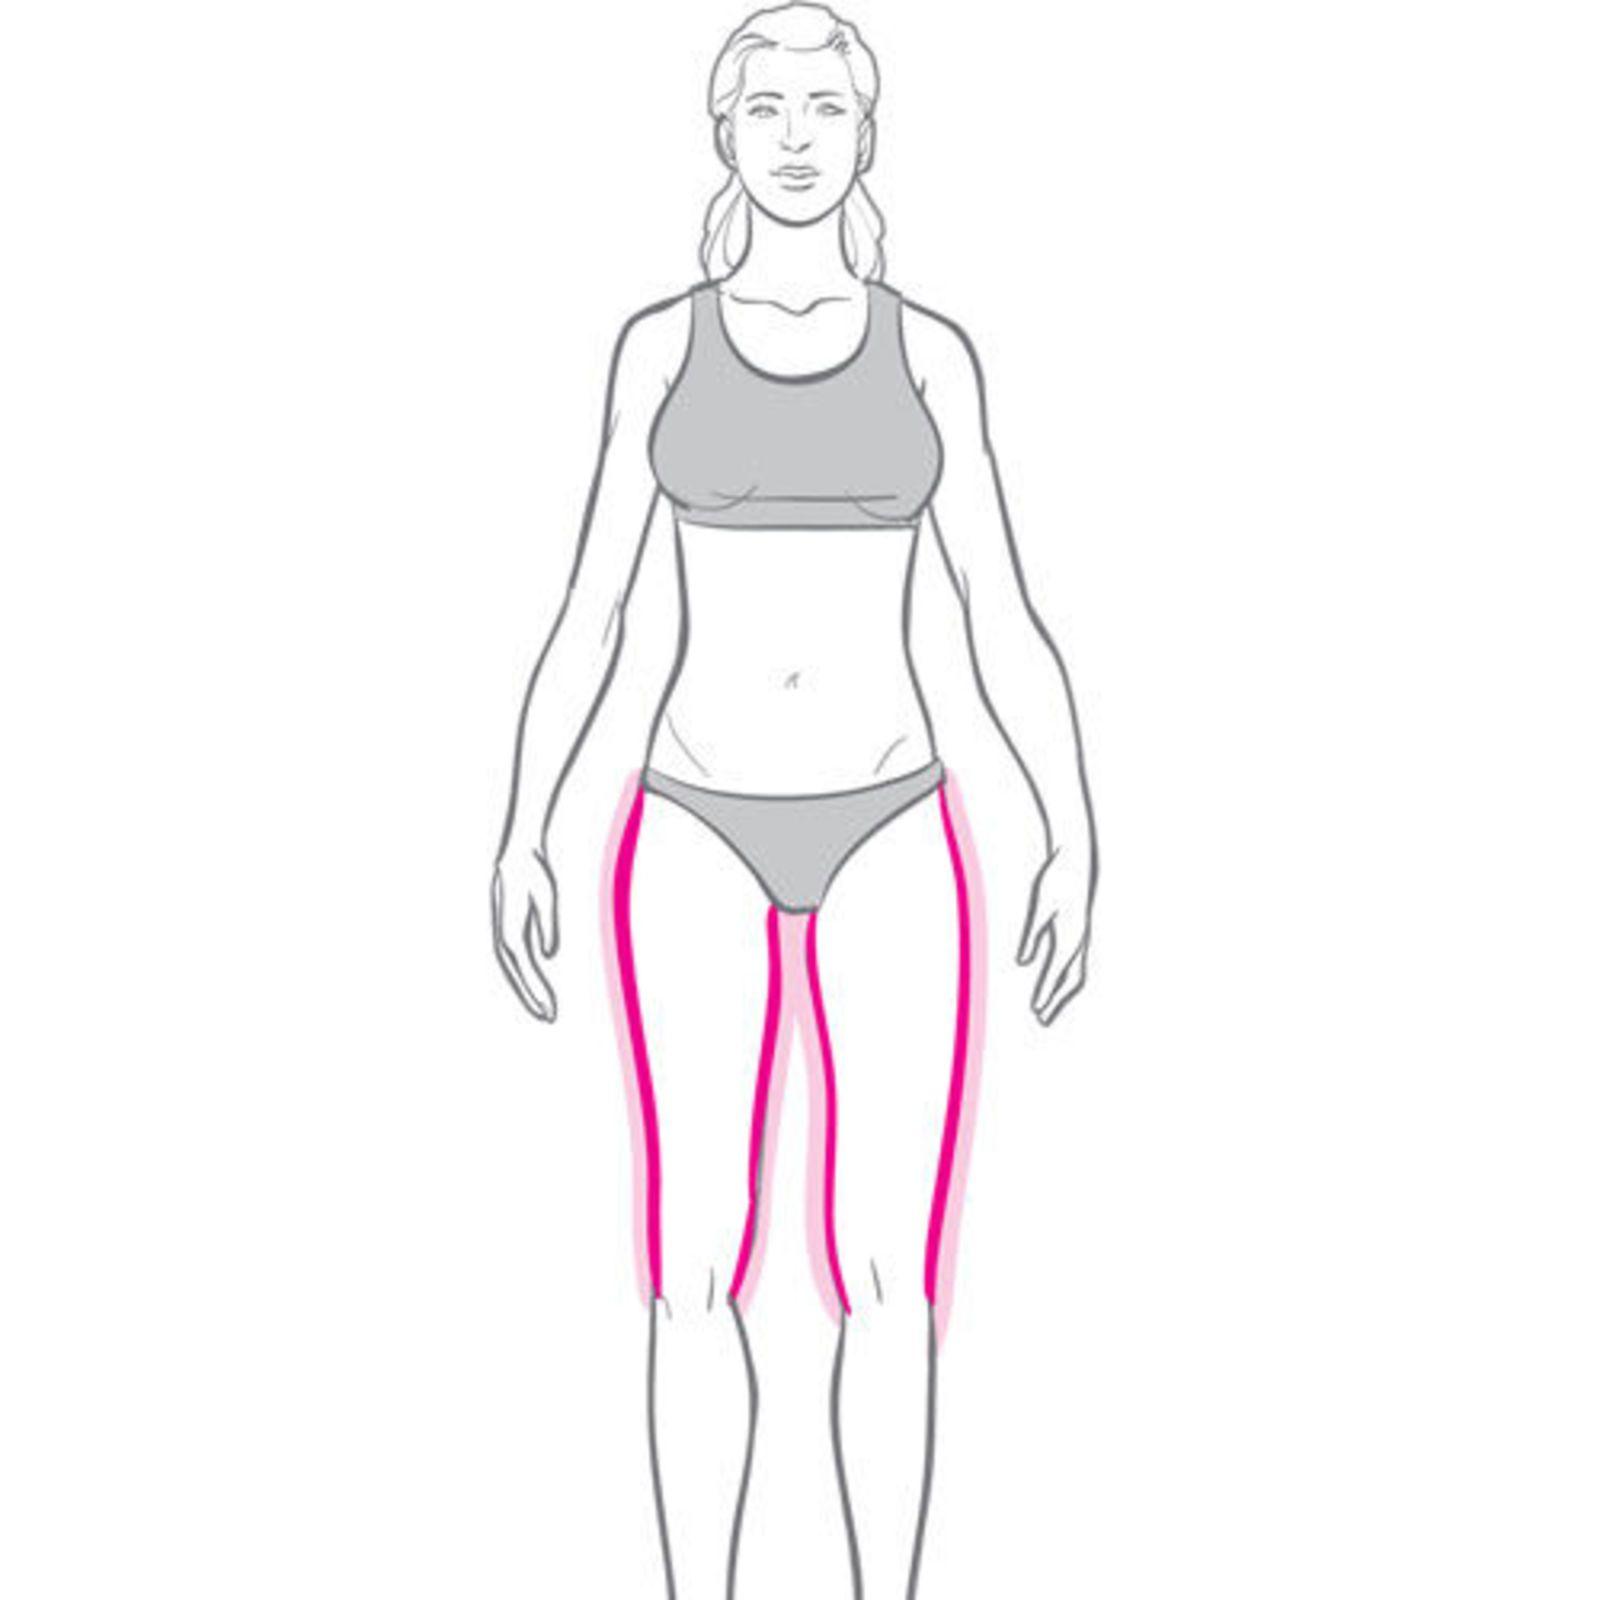 Упражнения для фигуры груша чтоб похудеть